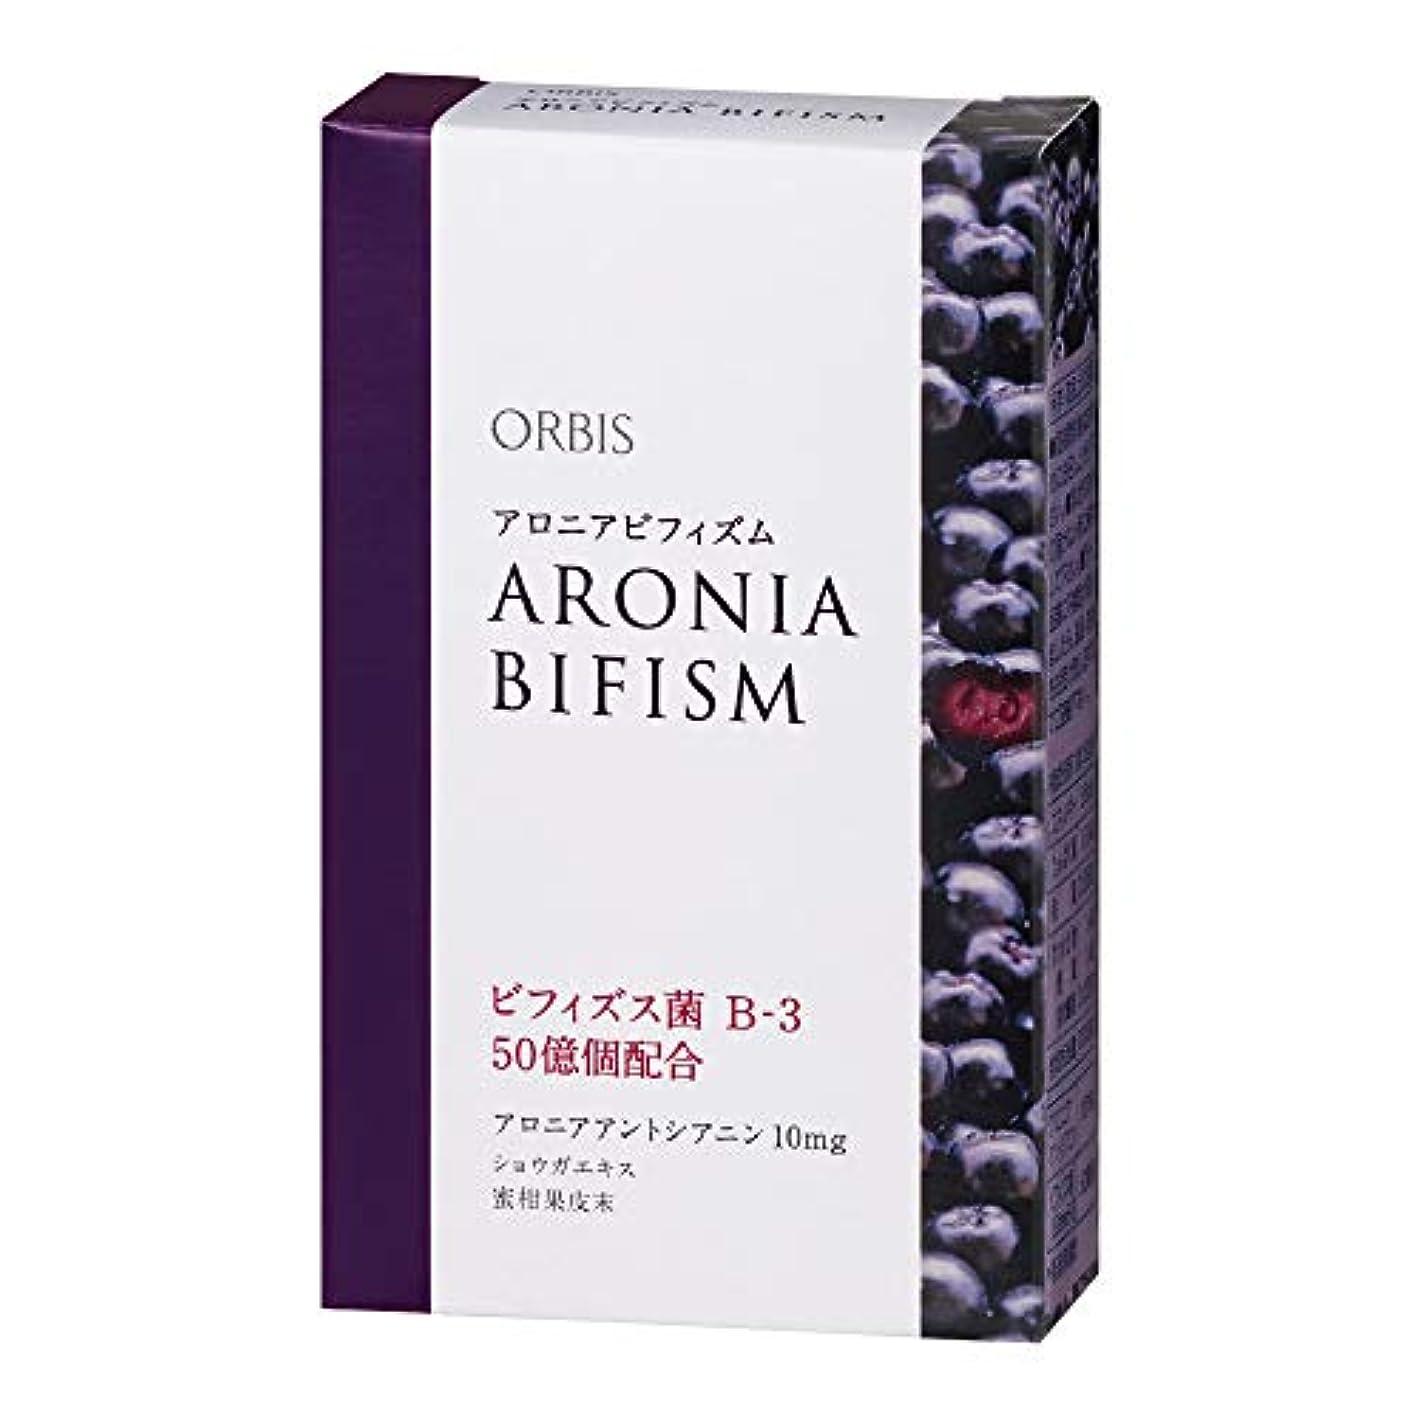 官僚骨折新しさオルビス(ORBIS) アロニアビフィズム(ミックスベリー風味) 15日分(1.5g×15袋) ◎美容サプリメント◎